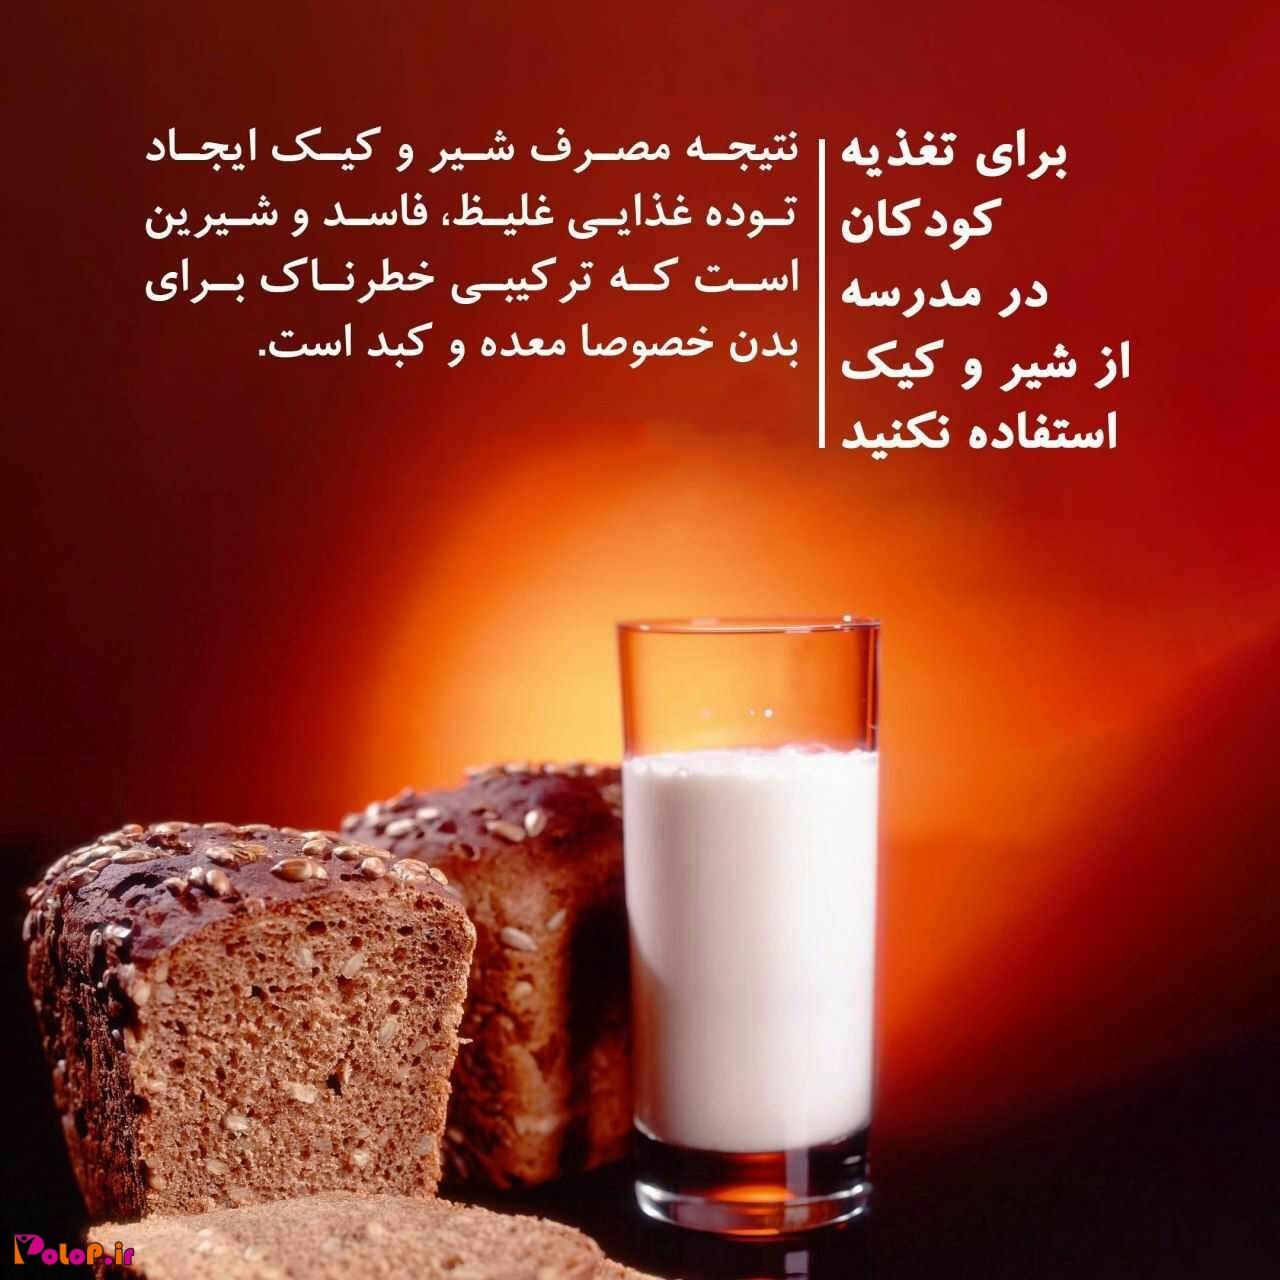 برای تغذیه کودکان از شیر و کیک استفاده نکنید 🥛